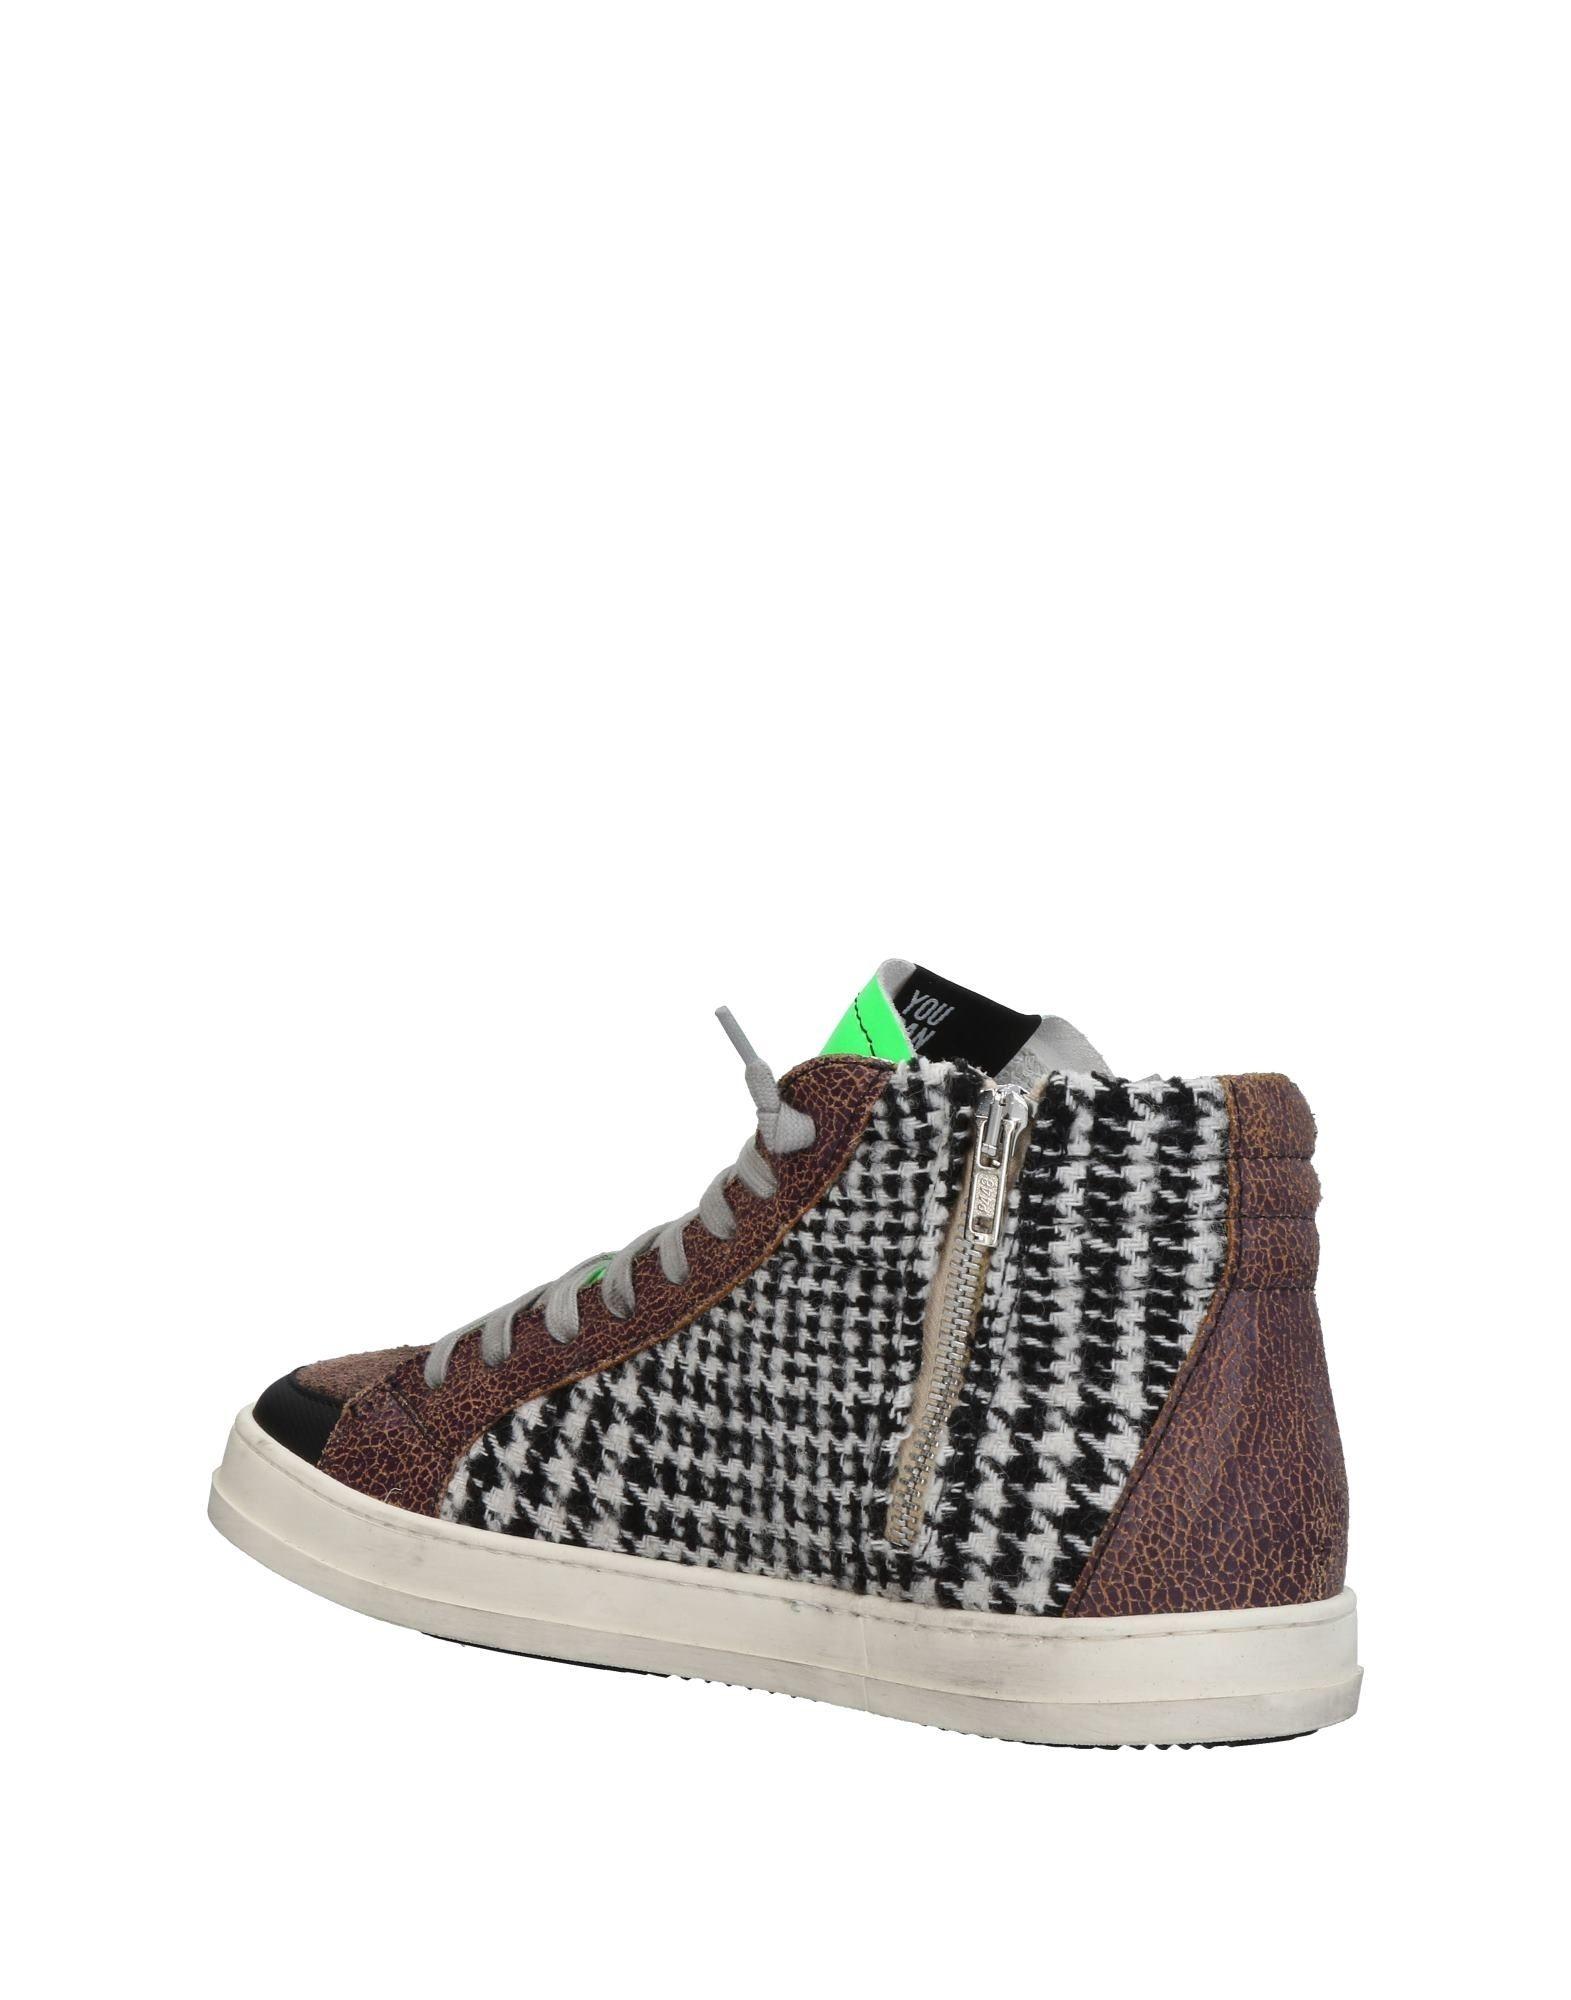 Rabatt Herren echte Schuhe P448 Sneakers Herren Rabatt  11457299AT 946ed1